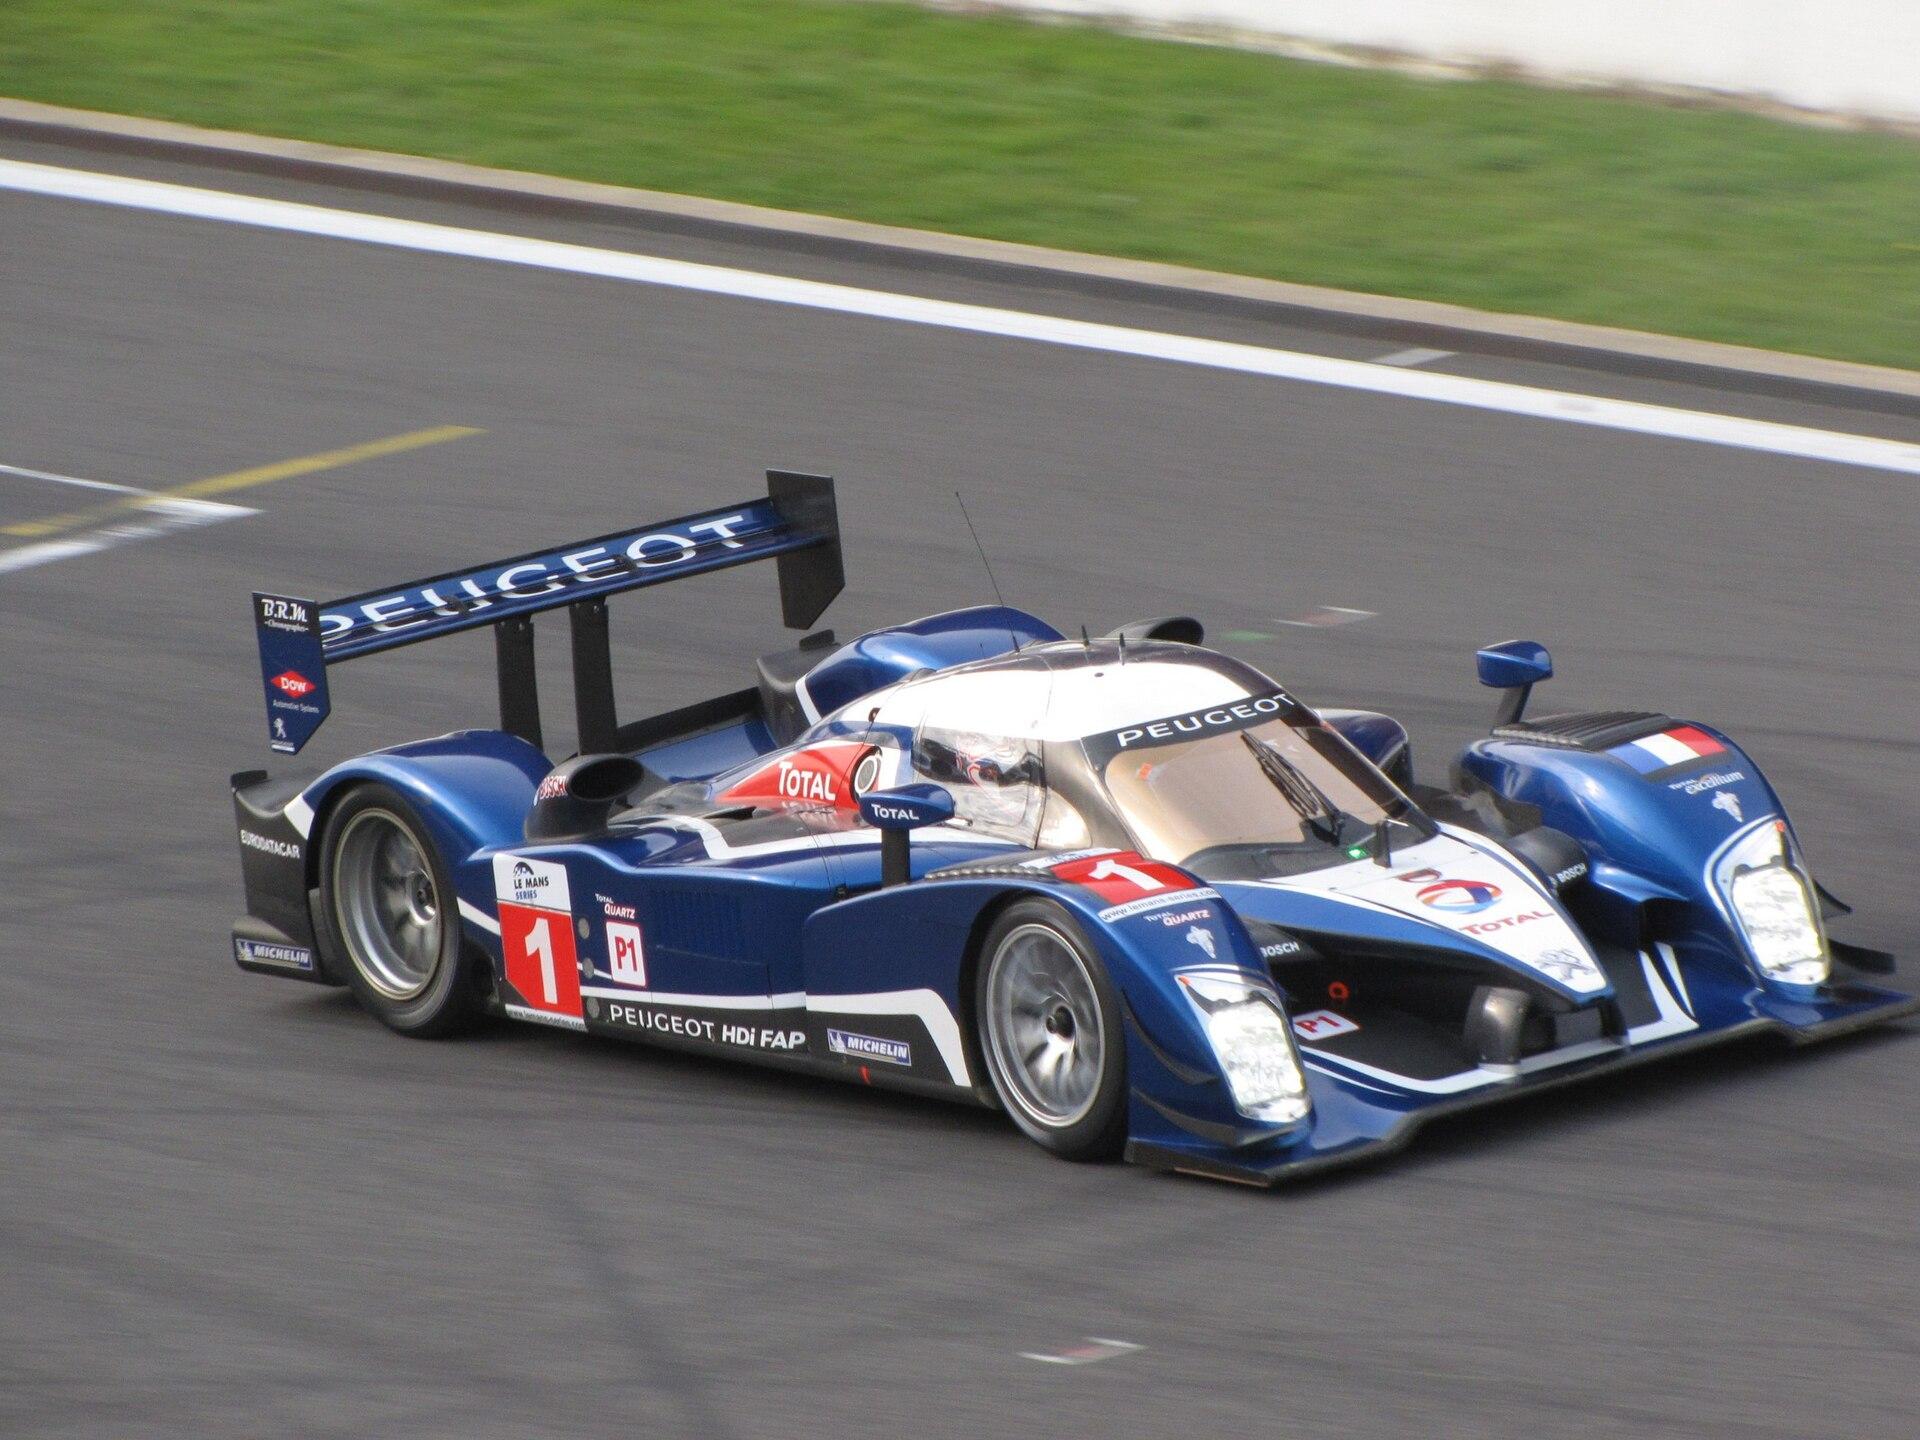 De hypercar klasse is behoorlijk goedkoper dan de huidige LMP1. Daarom keert Peugeot terug in de endurance racerij.